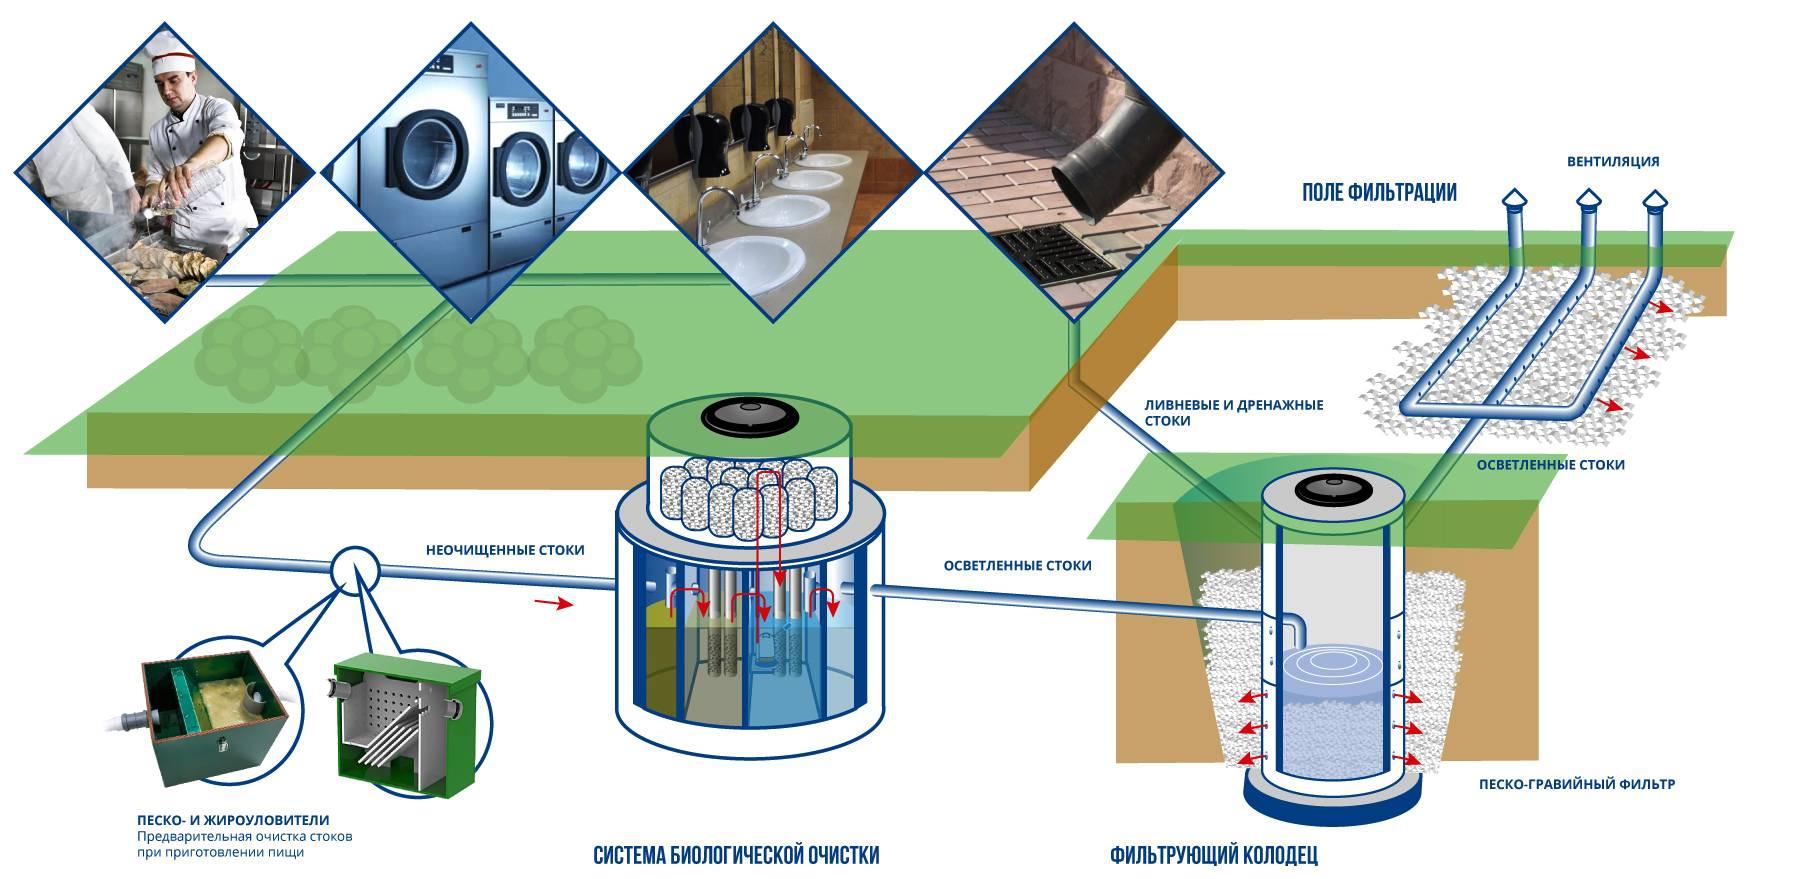 Автономная и централизованная система канализации ресторана, кафе, столовой, предприятий общепита